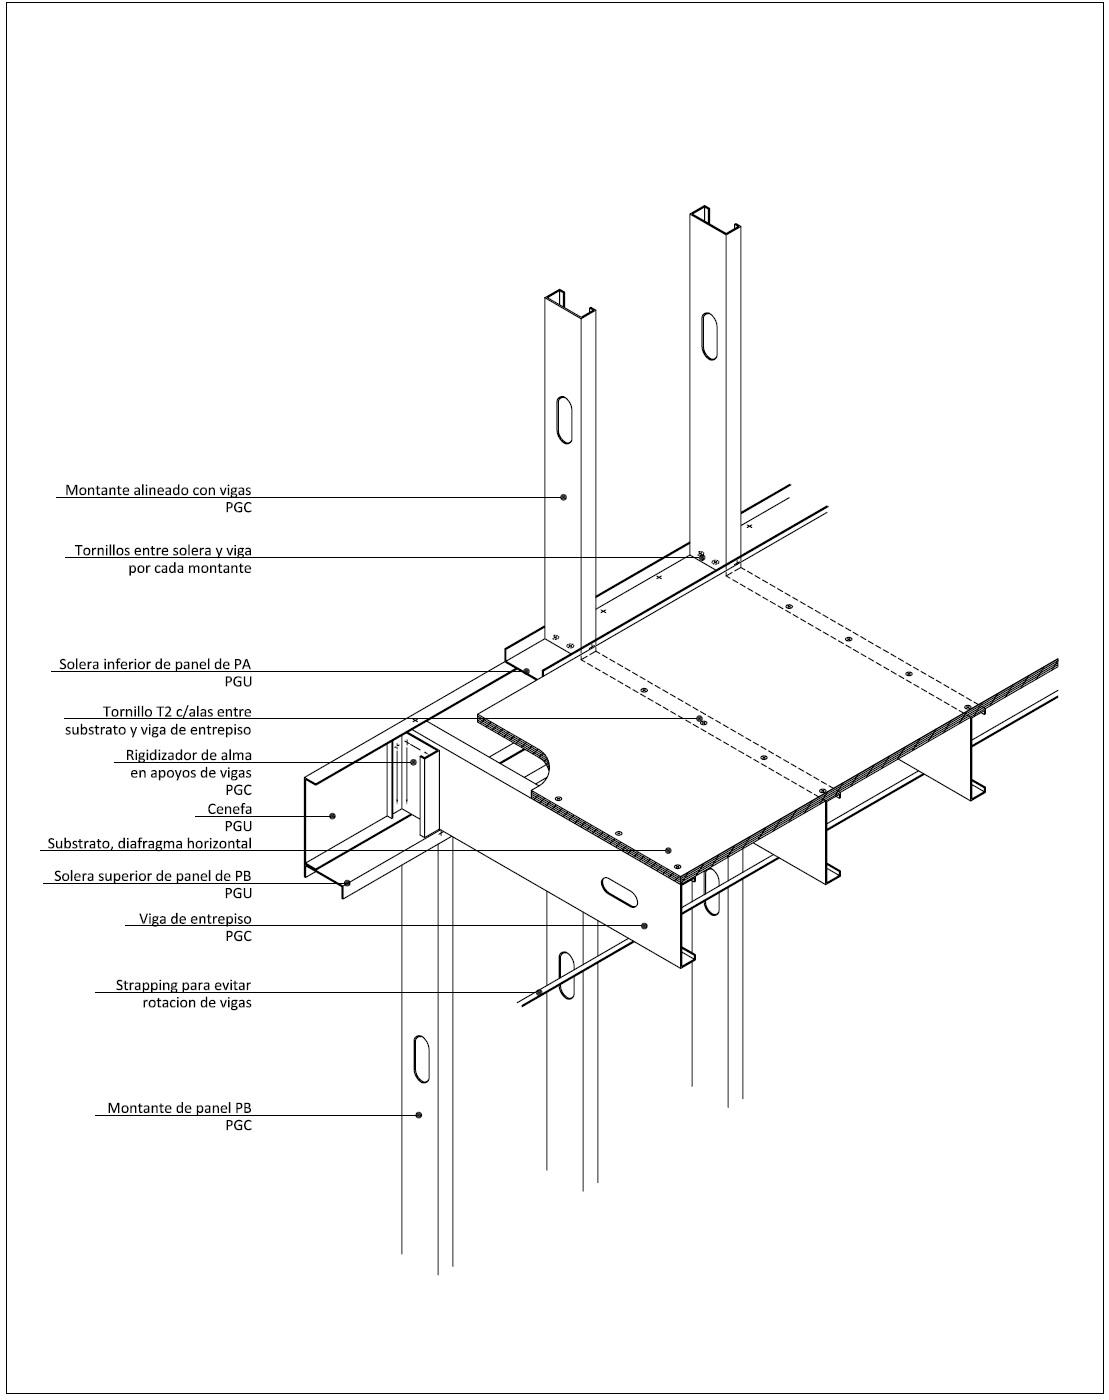 Detalles constructivos cad detalles constructivos steelframe - Escalera metalica prefabricada ...